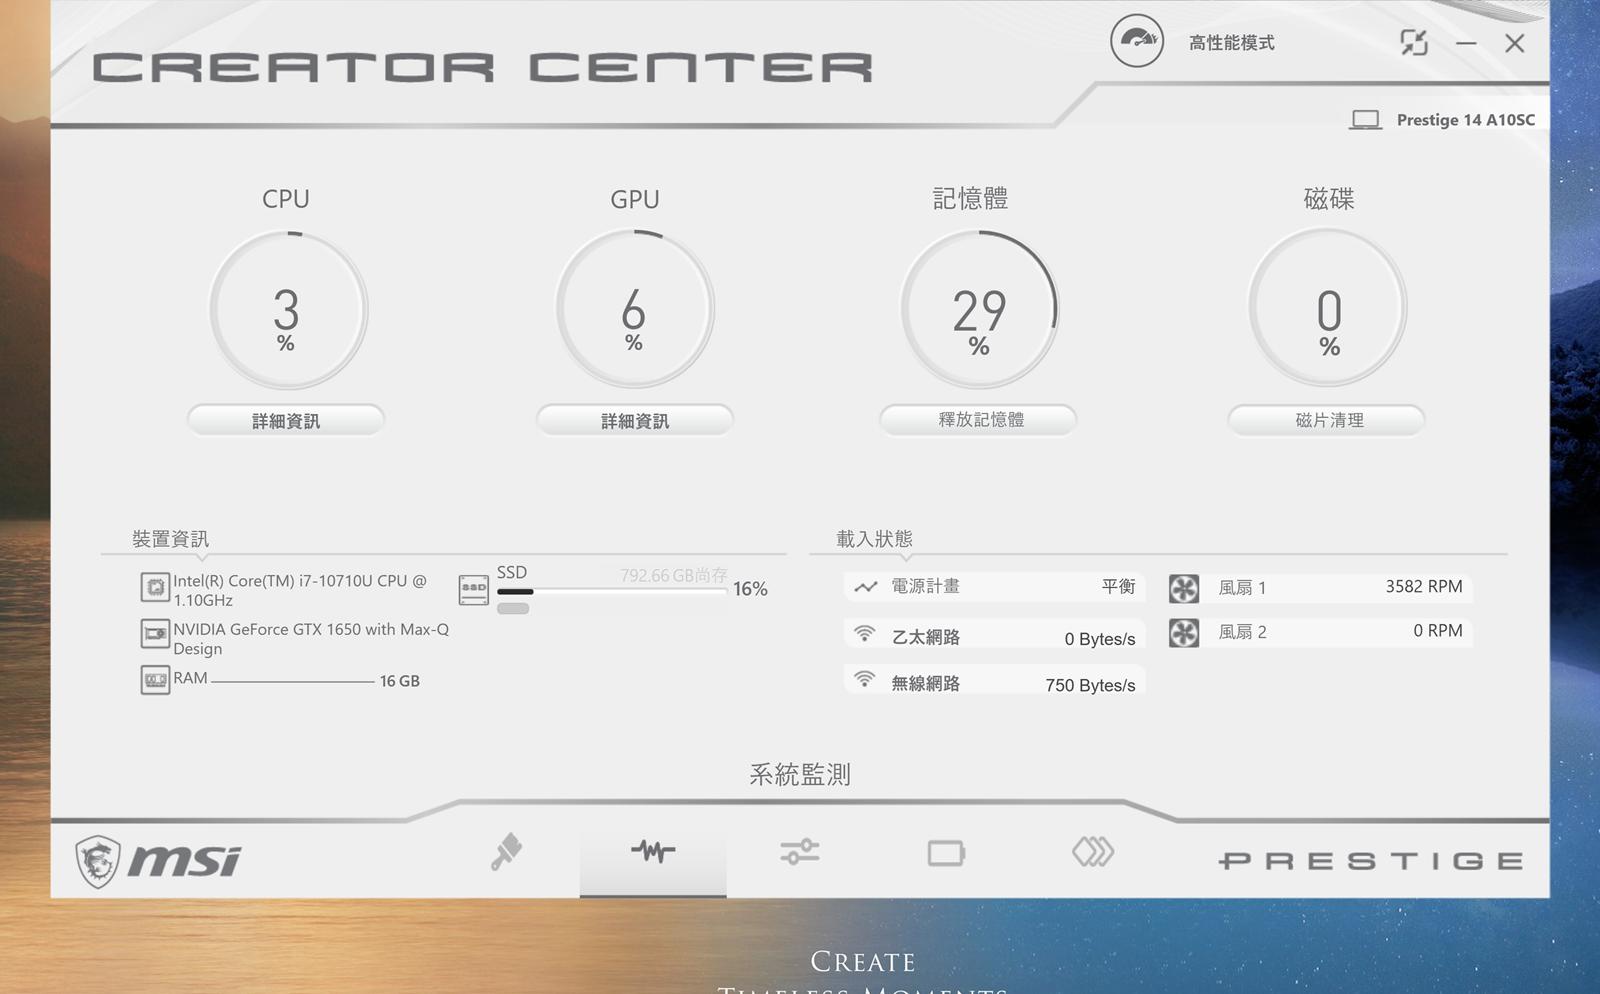 延續好評 PS42 系列,MSI 新推出兼具輕便與性能的 Prestige14 (A10SC) 創作工作筆電 @3C 達人廖阿輝